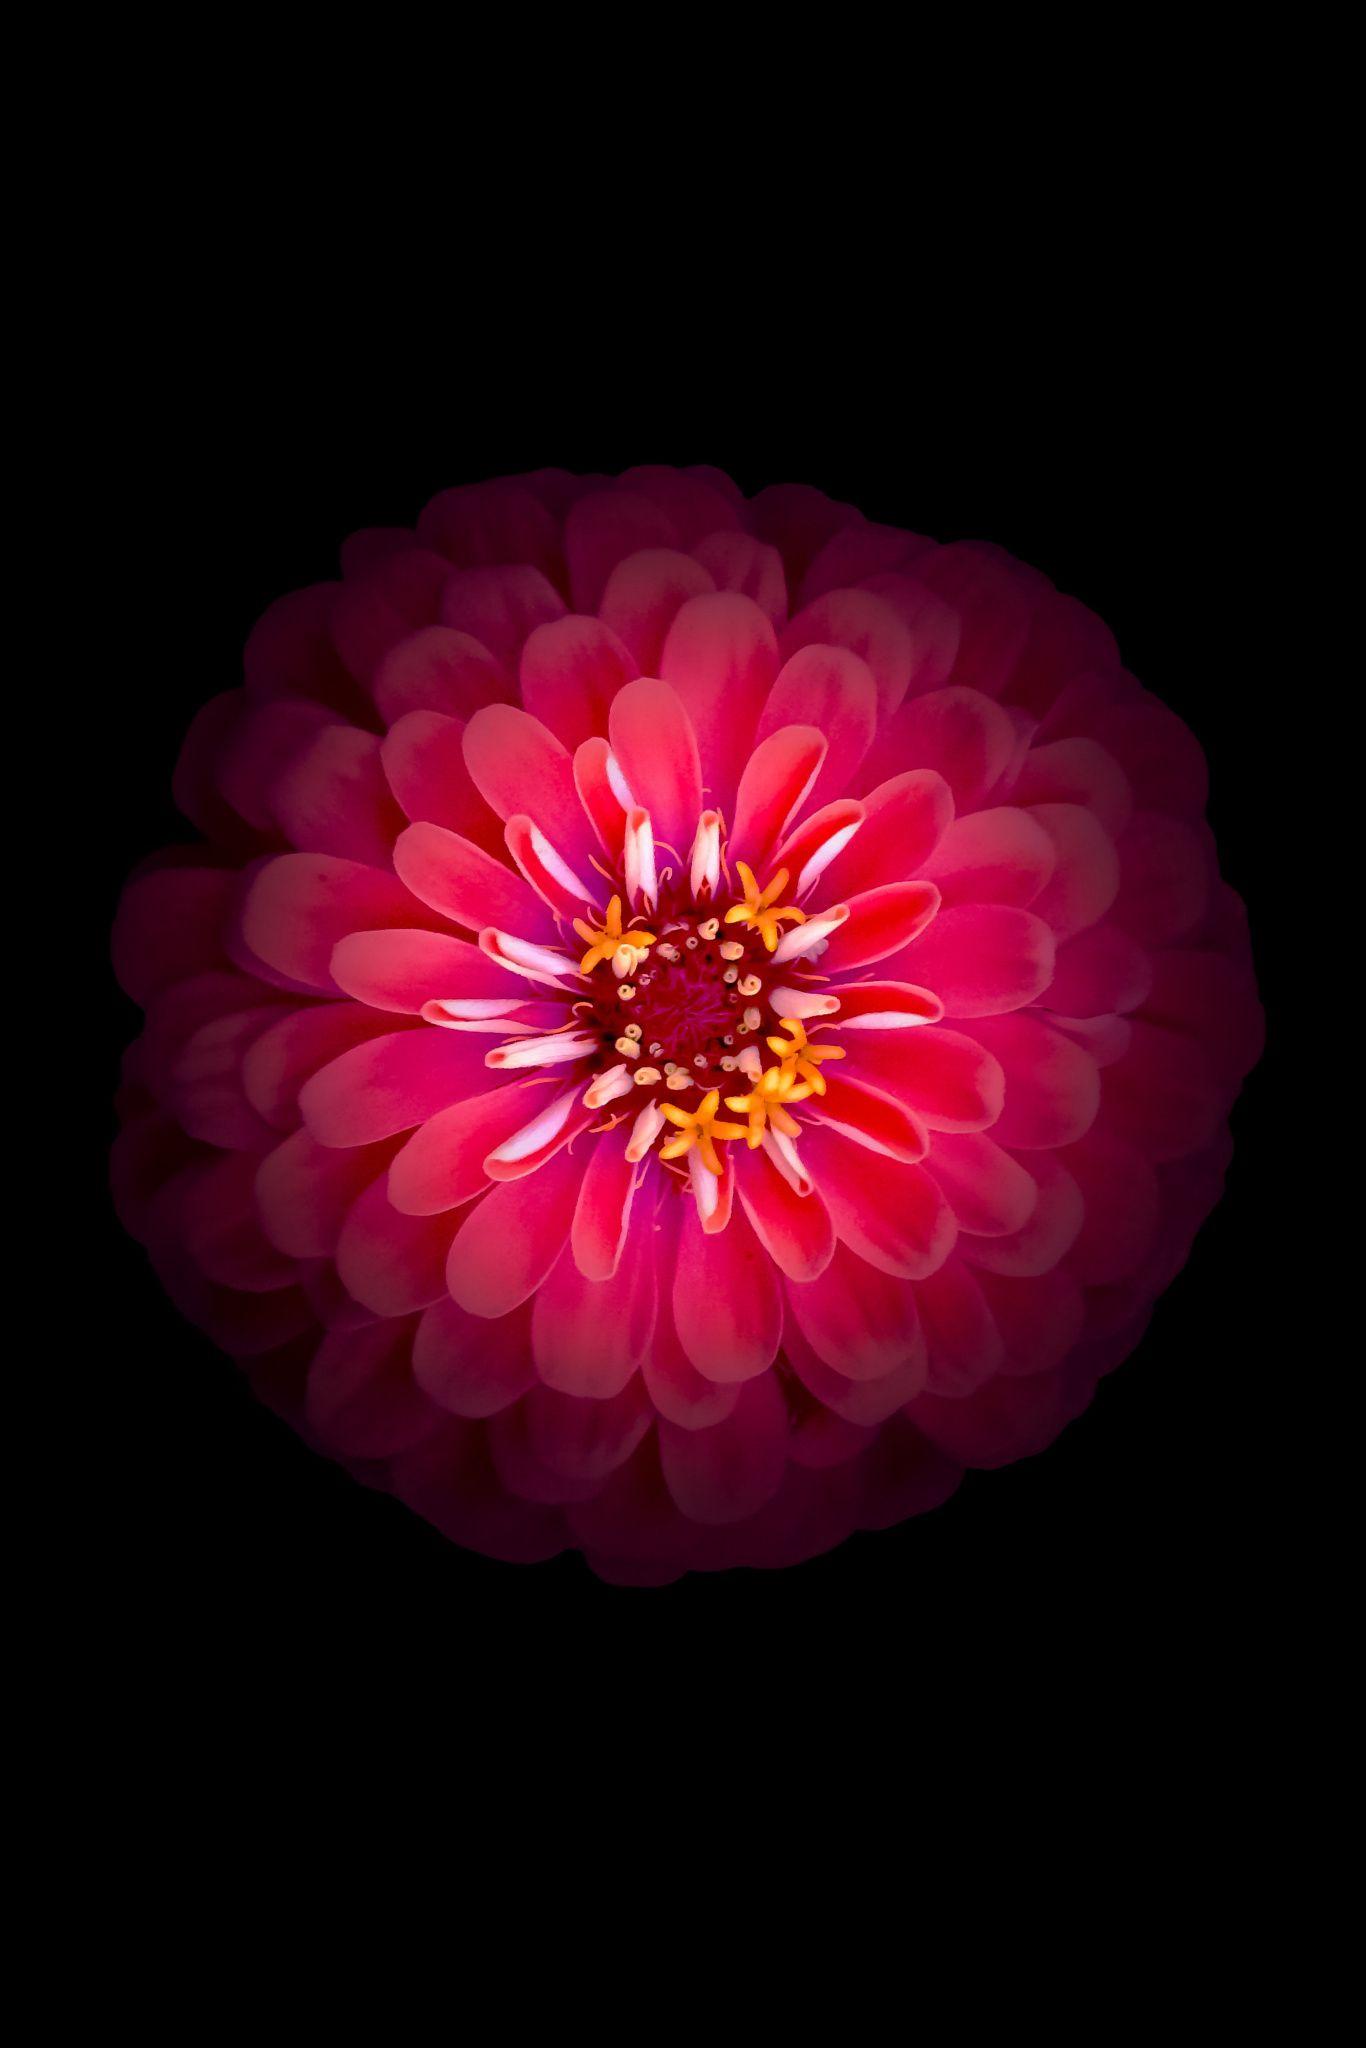 выбор модульных картинки цветка как на айфоне неделя